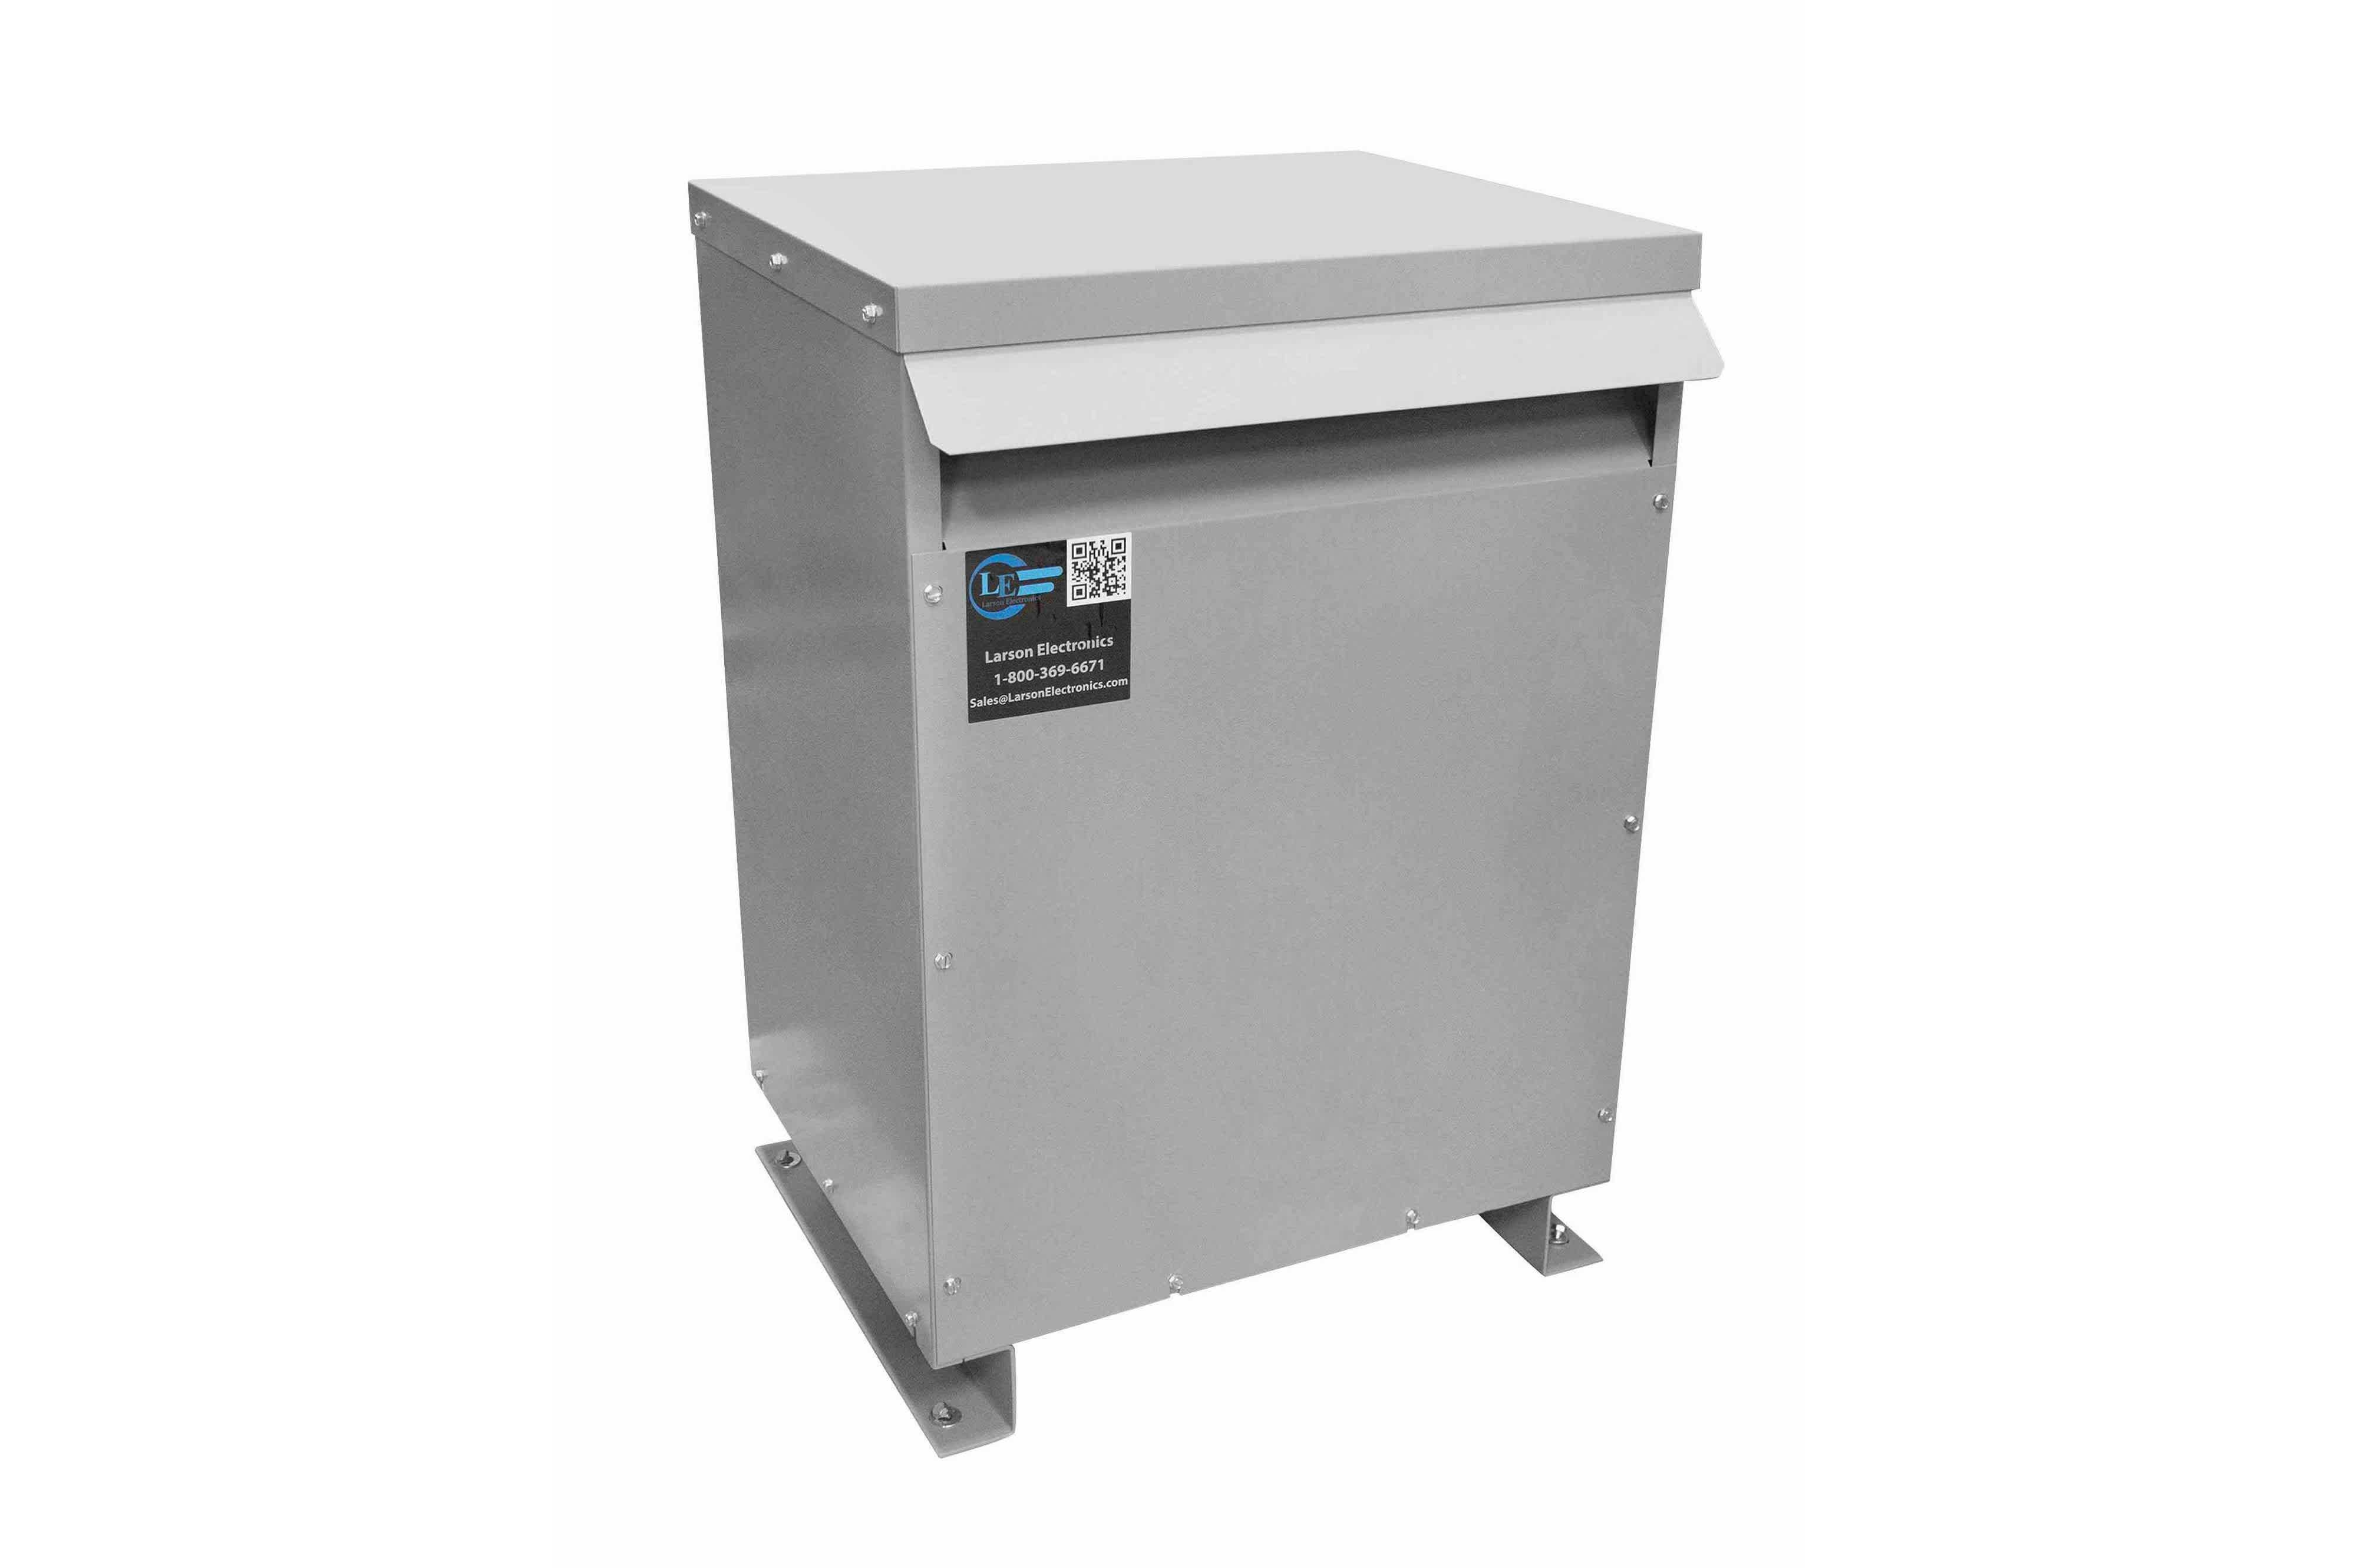 900 kVA 3PH Isolation Transformer, 575V Delta Primary, 480V Delta Secondary, N3R, Ventilated, 60 Hz